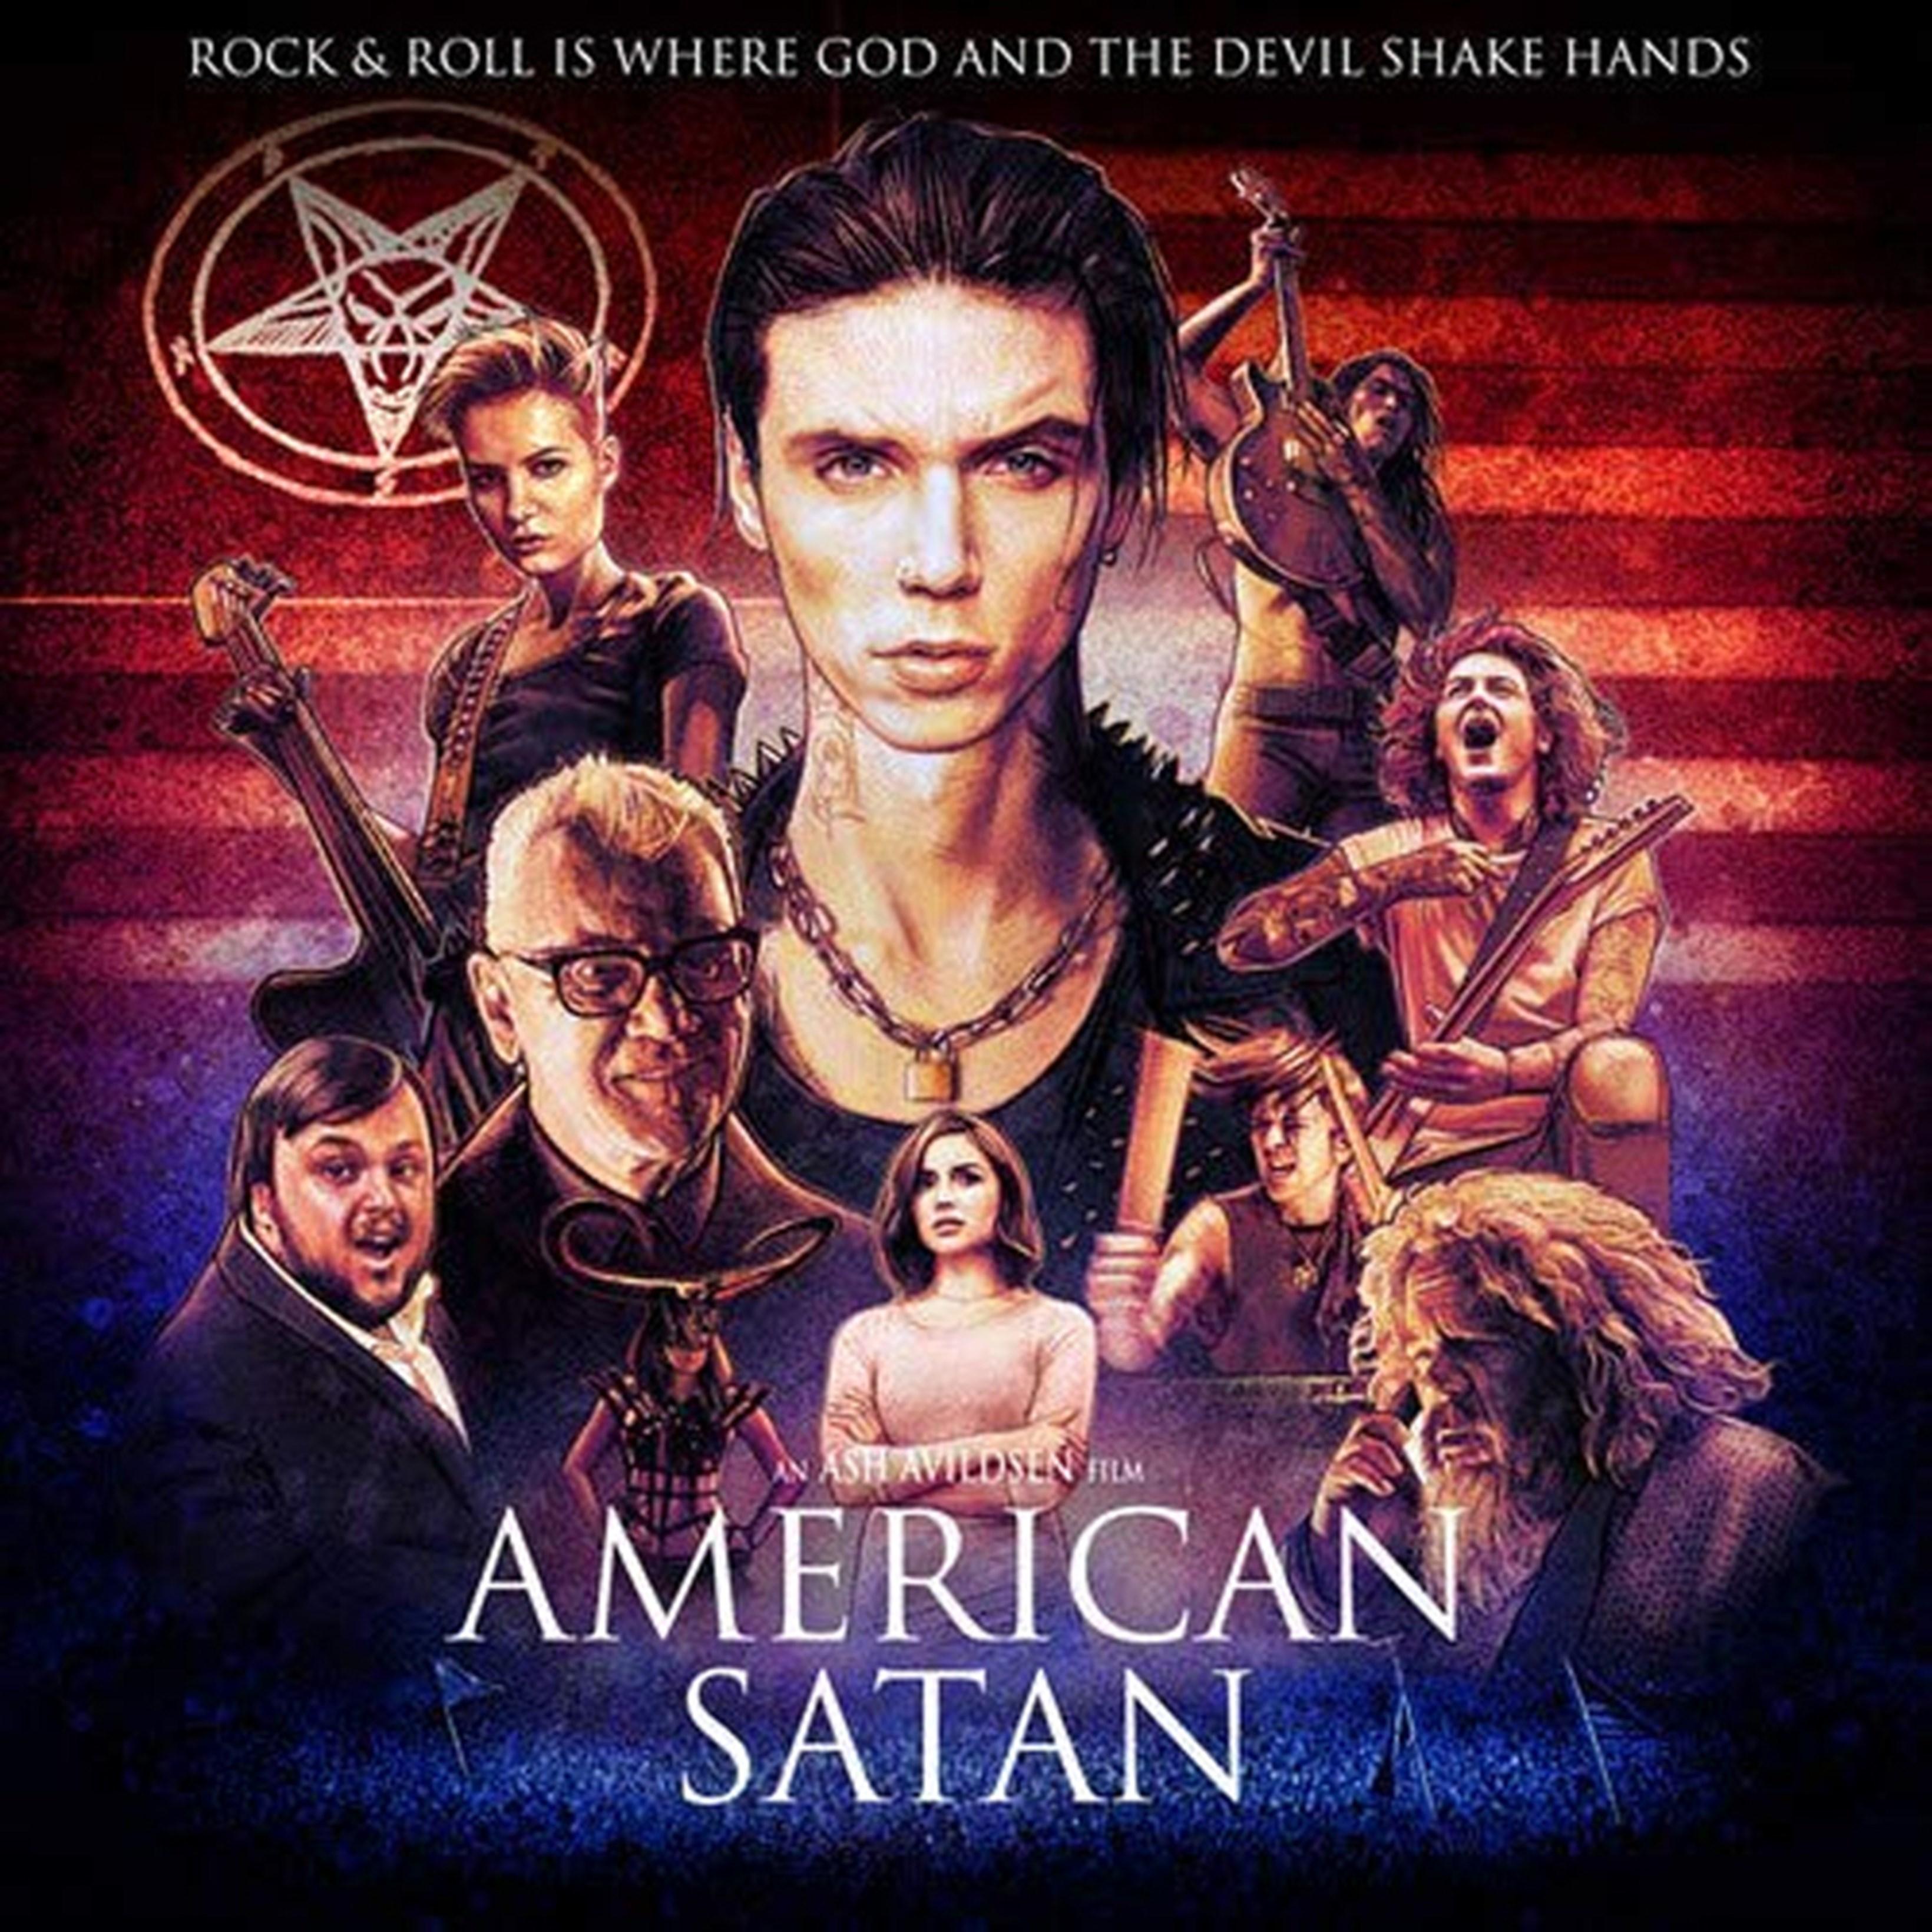 American Satan - 1